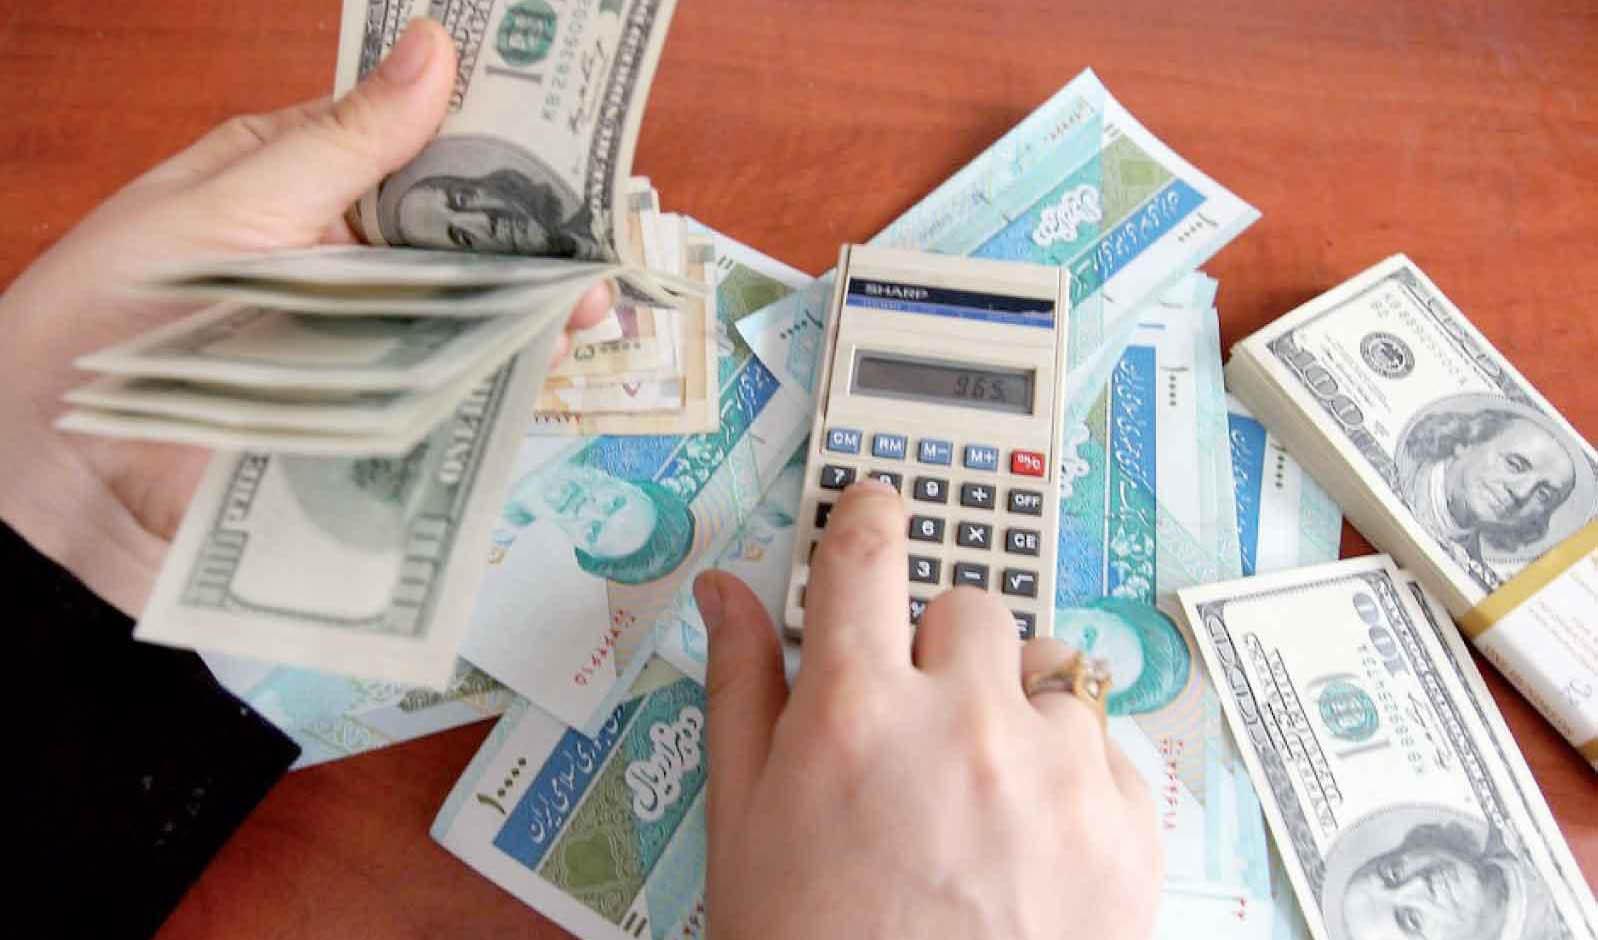 چرا بازار ارز به اظهارات مقامات داخلی وخارجی واکنش متفاوت دارد؟